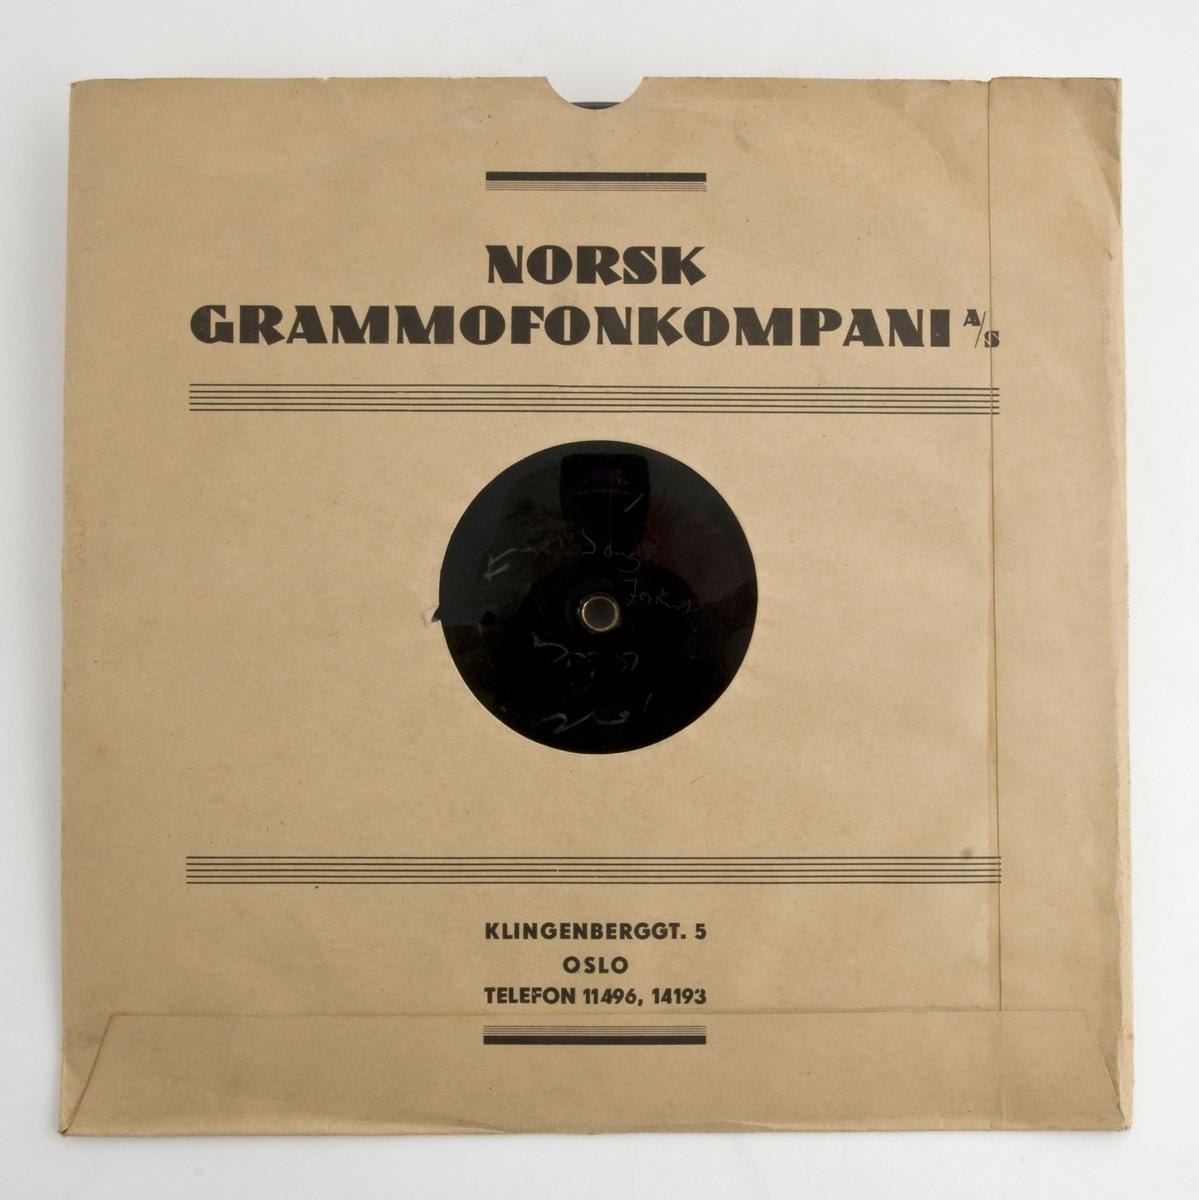 Reklamesang for Sorte Mand sigarer. Sanger, komponist og tekstforfatter er ukjent. Sangen ble spilt inn hos Norsk Grammofonkompani A/S, Klingenberggata 5, Oslo.  Både sangen og talesporet ble trolig brukt i en reklamefilm i 1938.